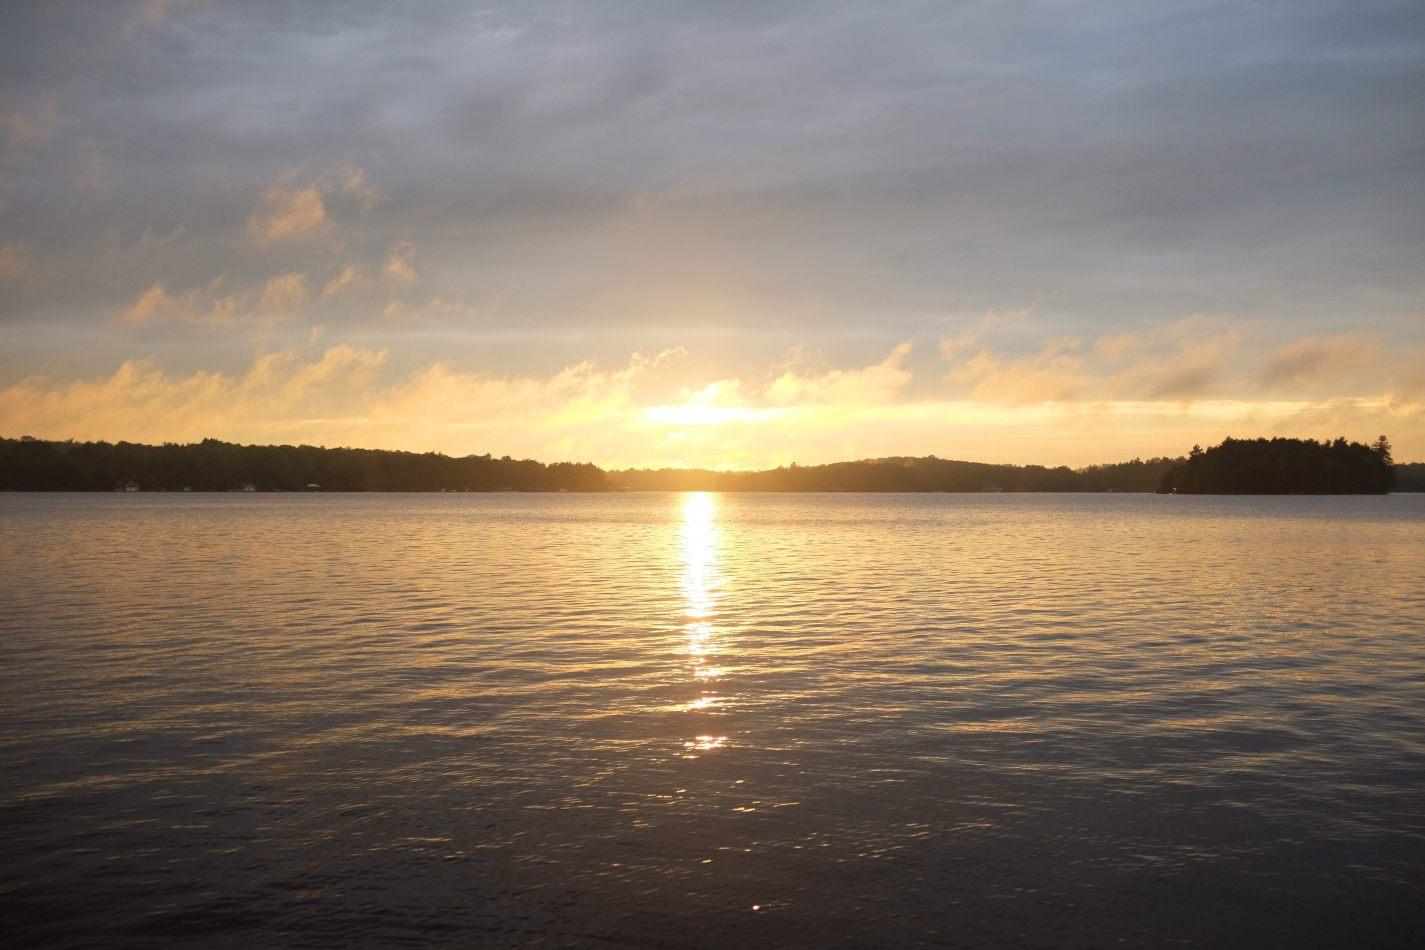 Hibiscus & Nomada : - - Sunset on Lake Muskoka